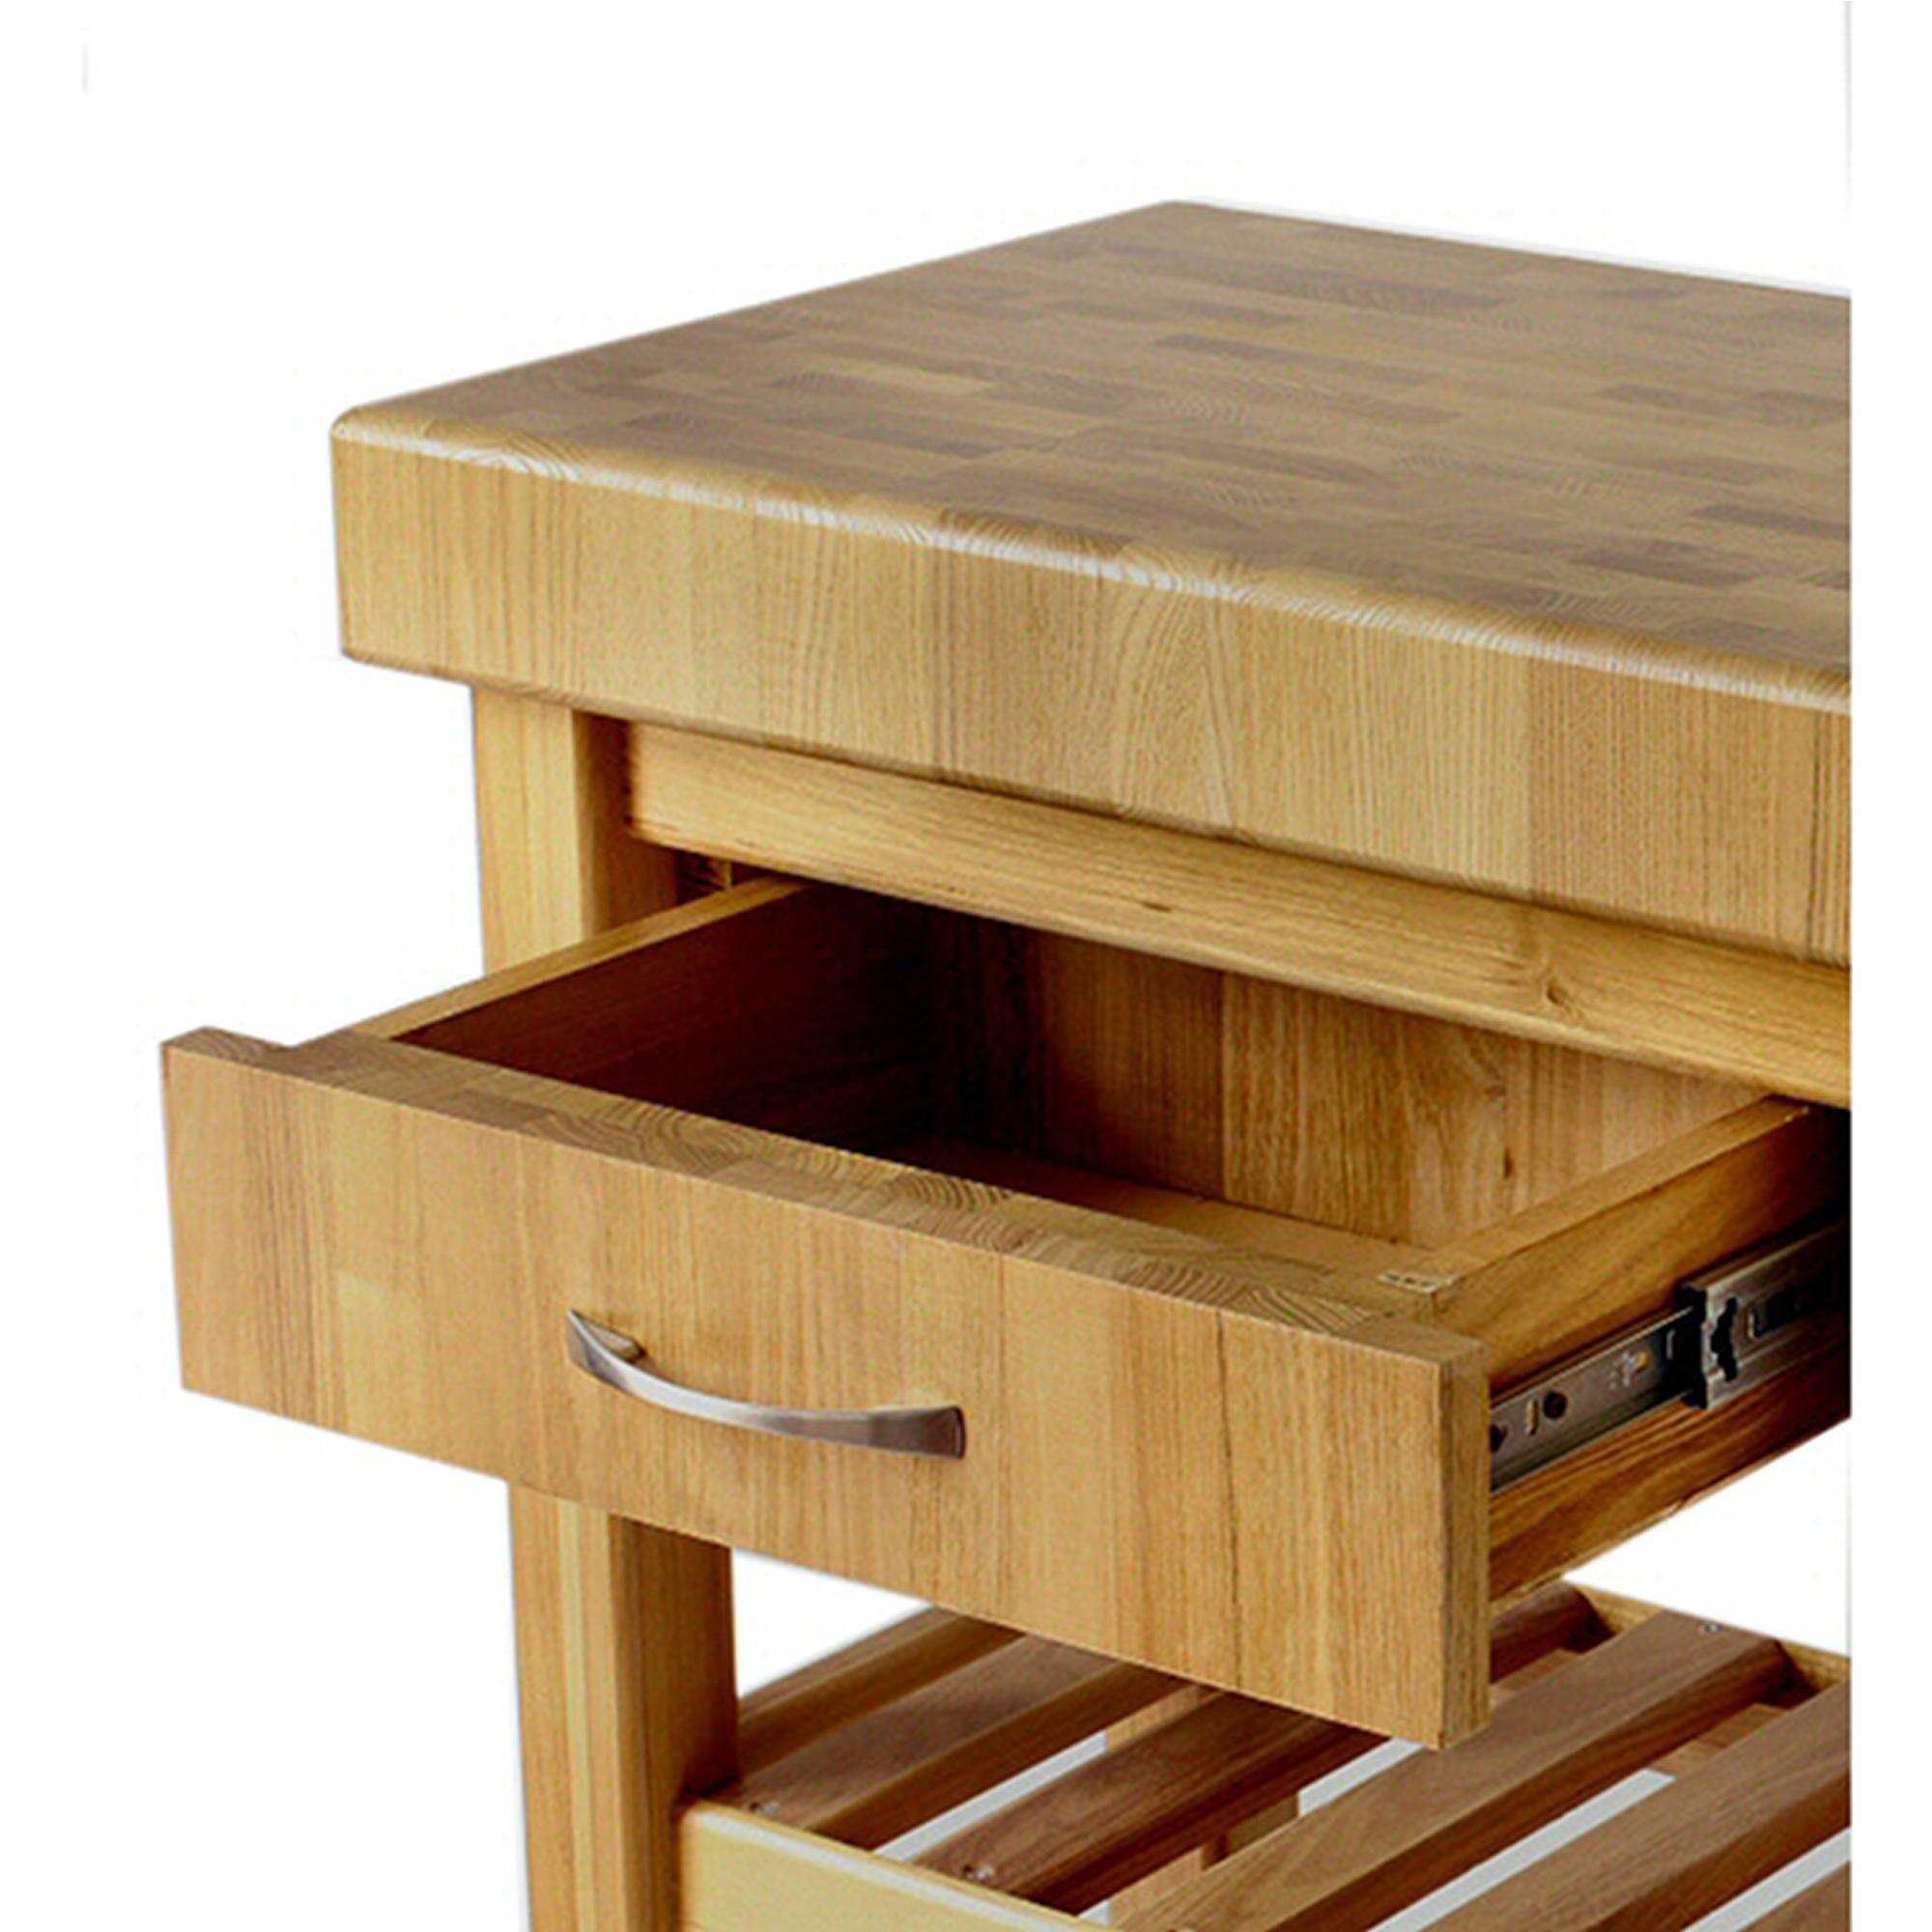 Carrello da cucina in legno massello con cassetto 60x50xh85 cm con ...